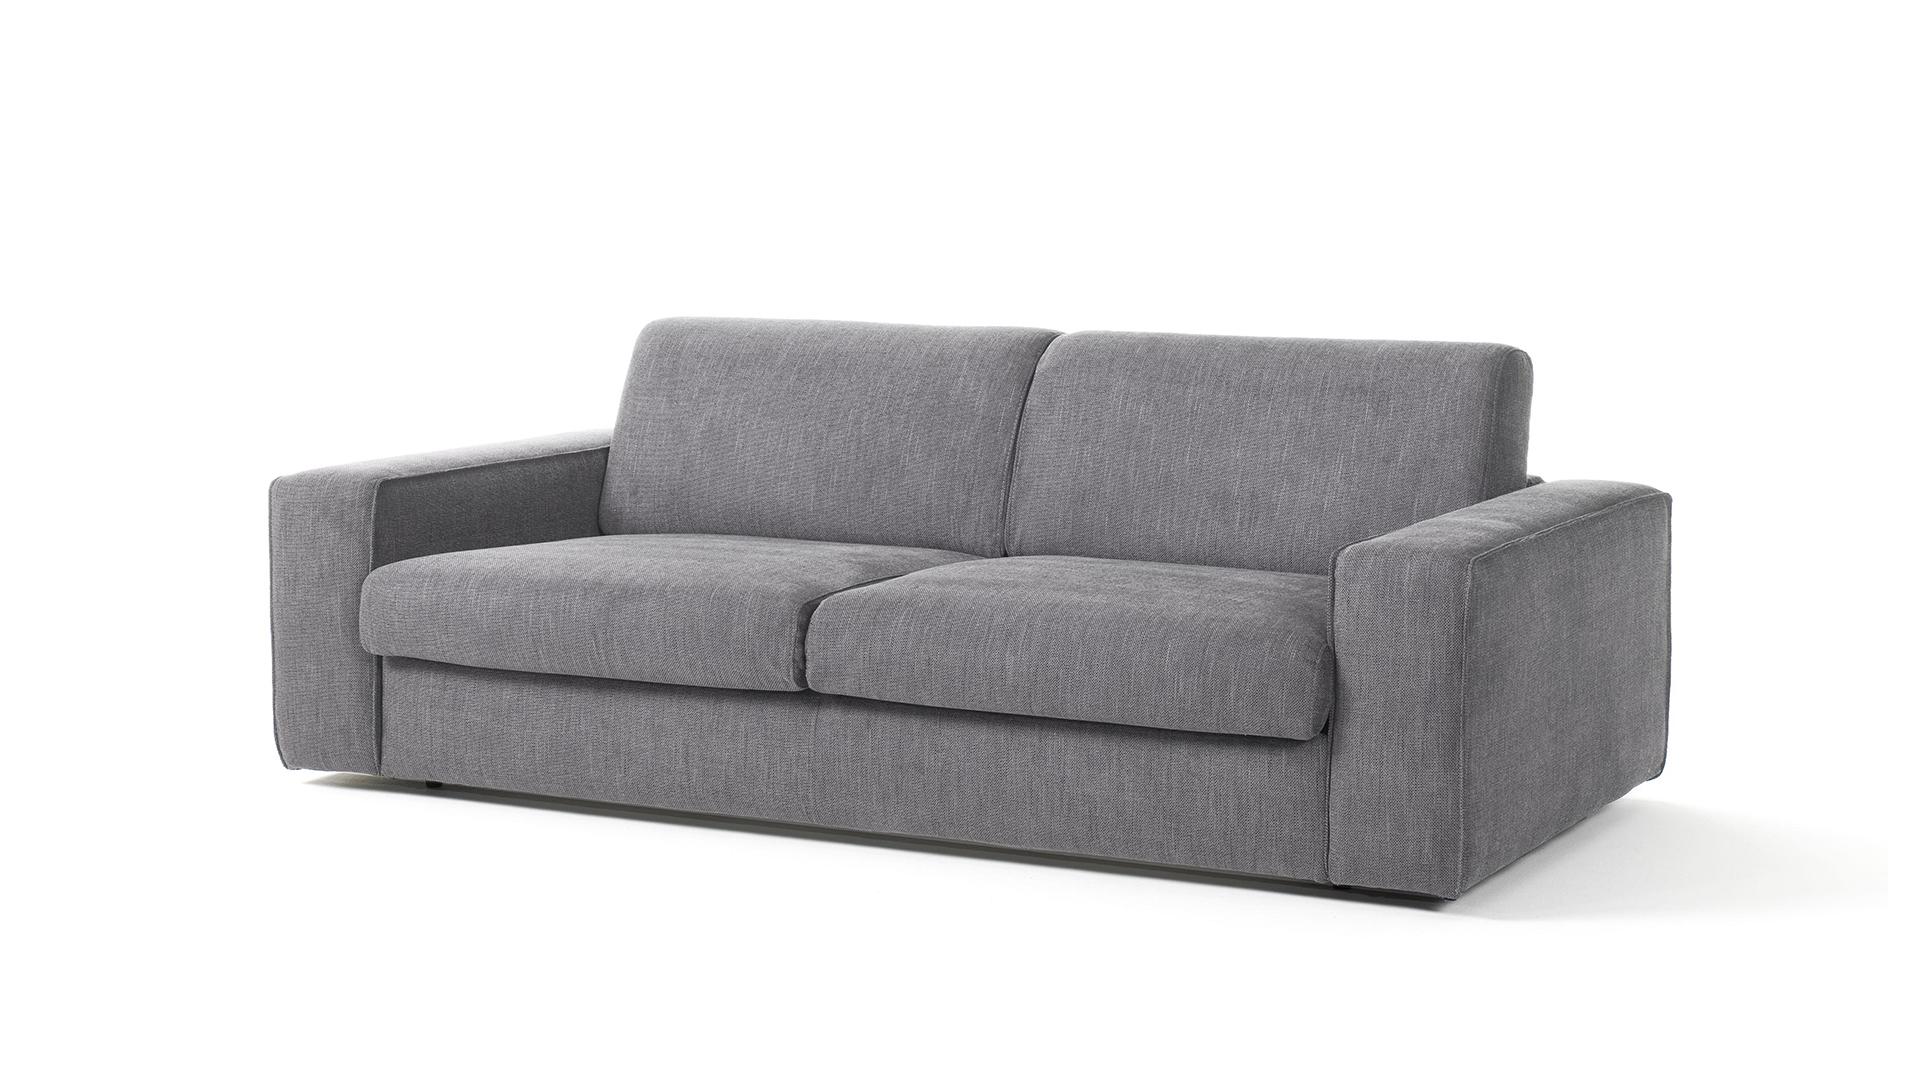 divano-letto-materasso-20-cm-monza-murtarelli-salotti